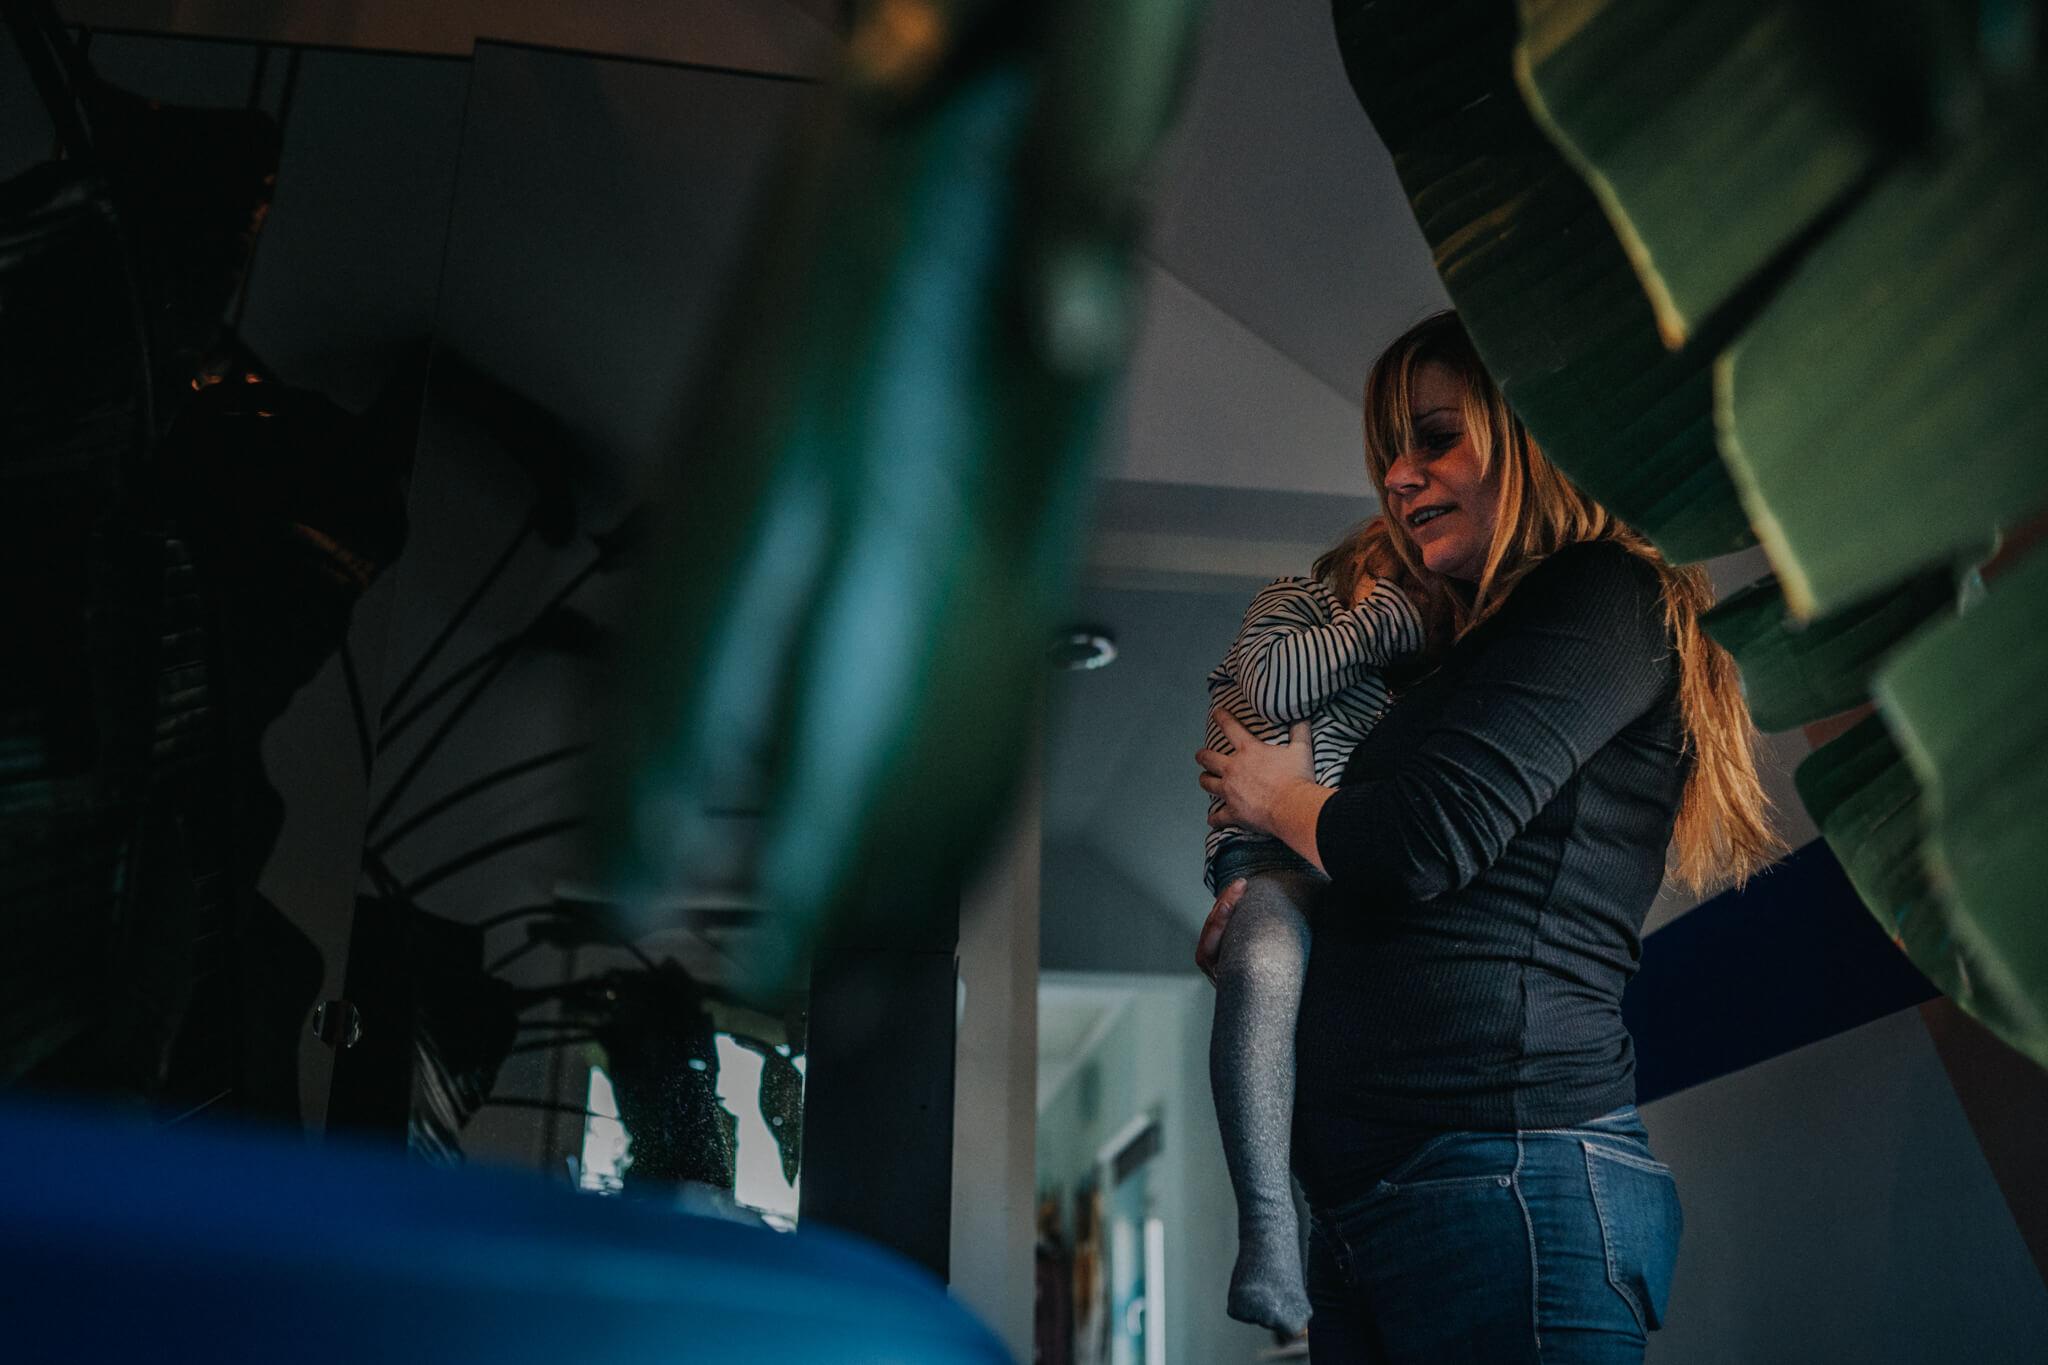 kinderen bij bevalling geboortefotografie Breda thuisgeboorte Birth Day geboortefotografie Cindy Willems